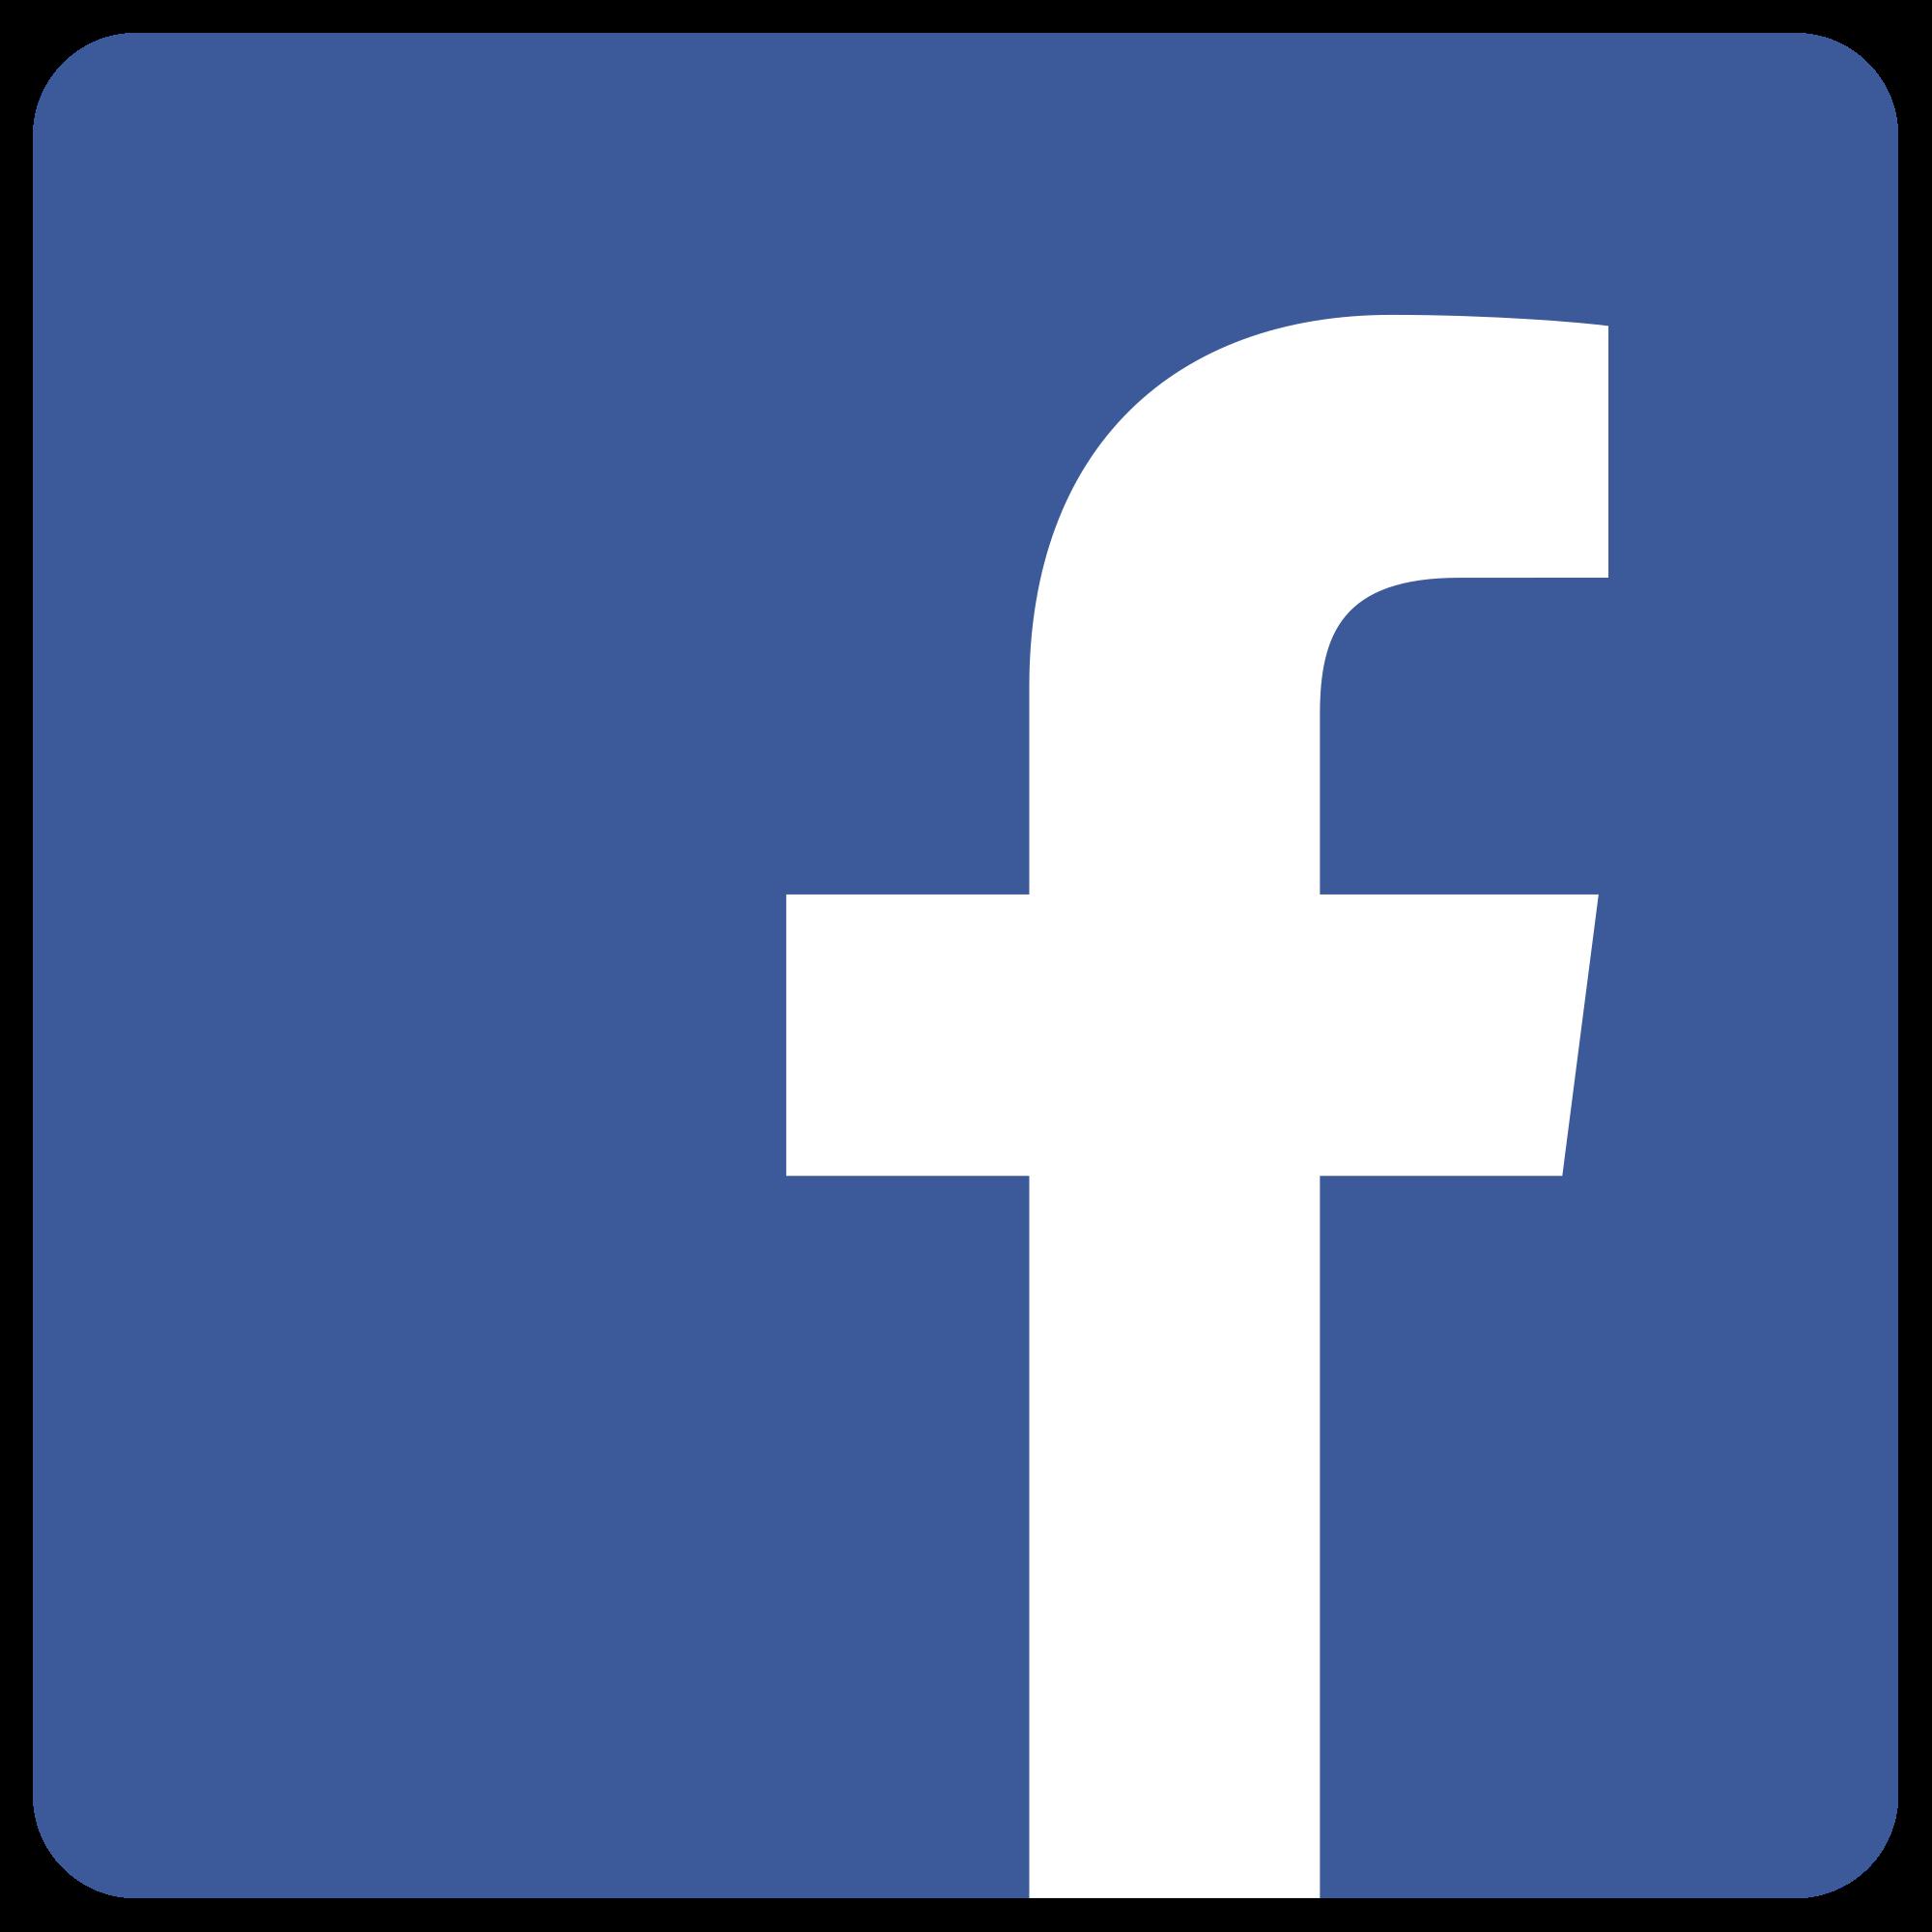 Facebook surf